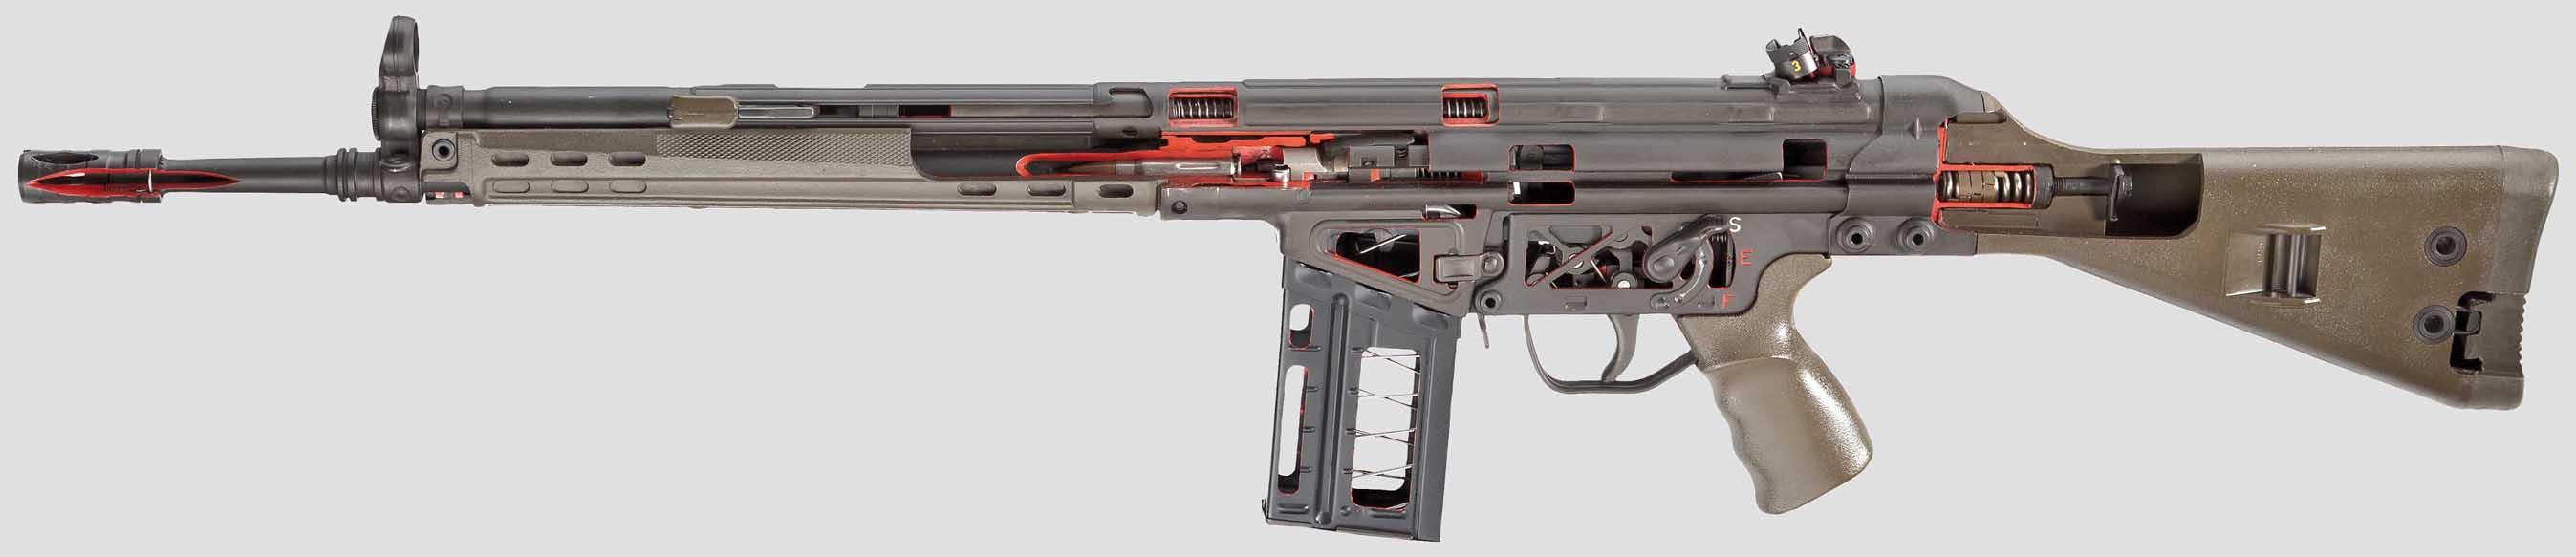 G3 Factory Cutaway-g3-cutaway.jpg